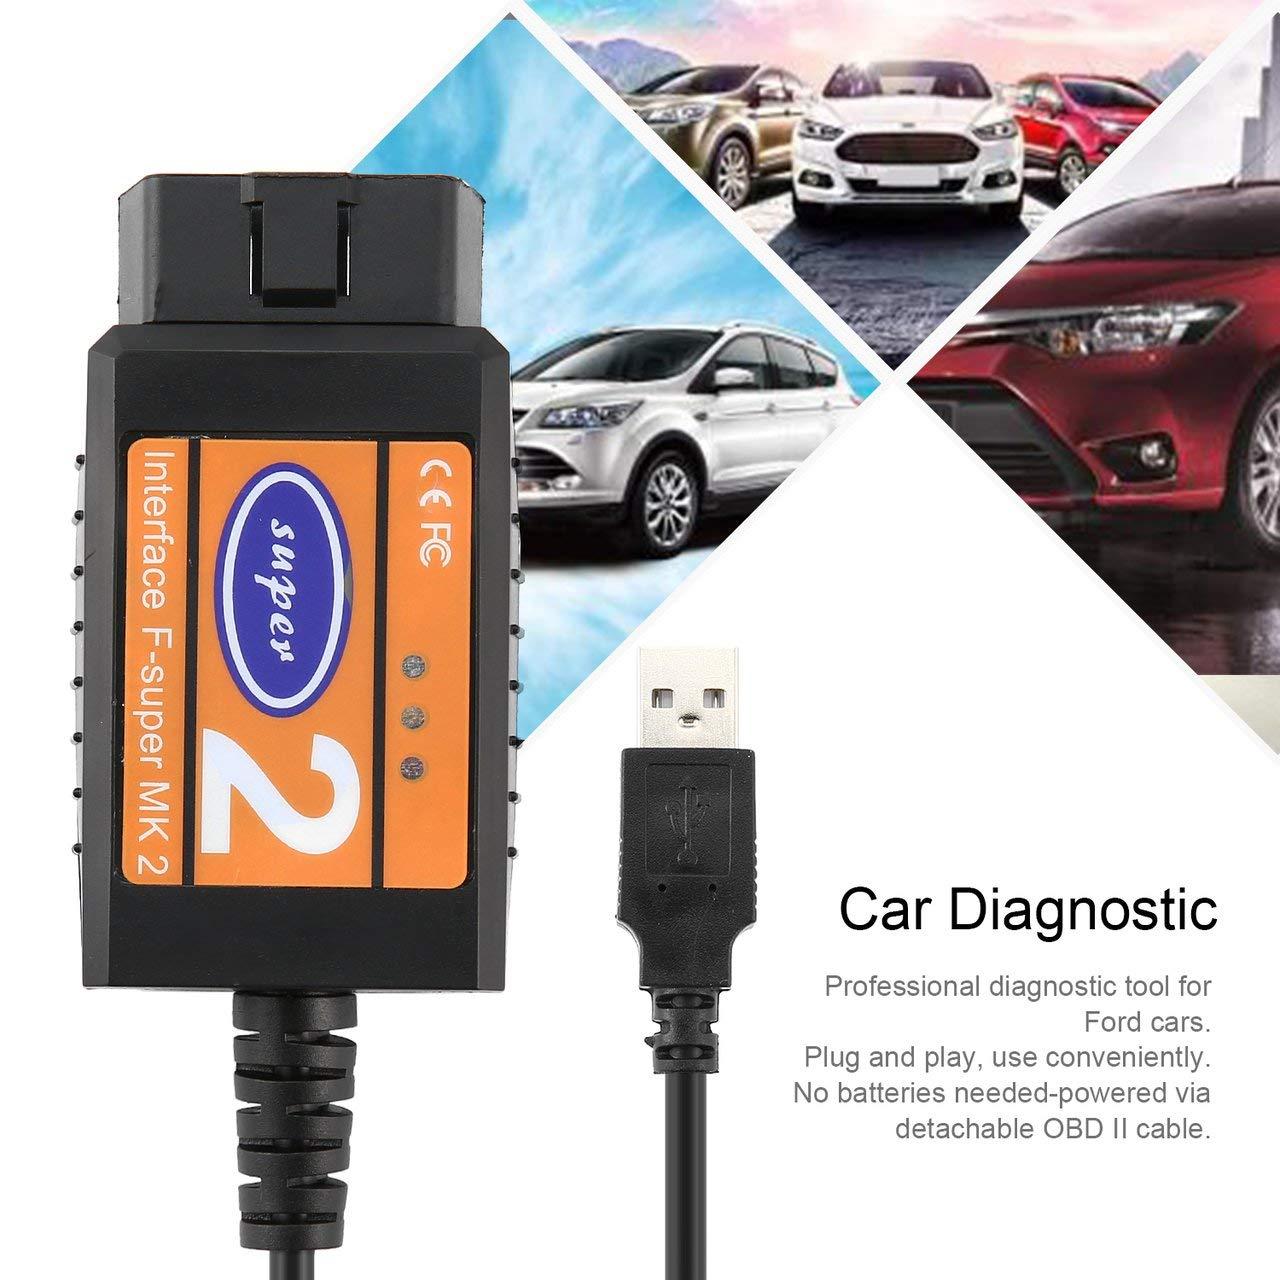 Jasnyfall Car Diagnostic Scanner Obd2 Scanner Super 2 Obd2 Usb Scan Tool Car Diagnostic Fault Scanner Code Reader For Ford